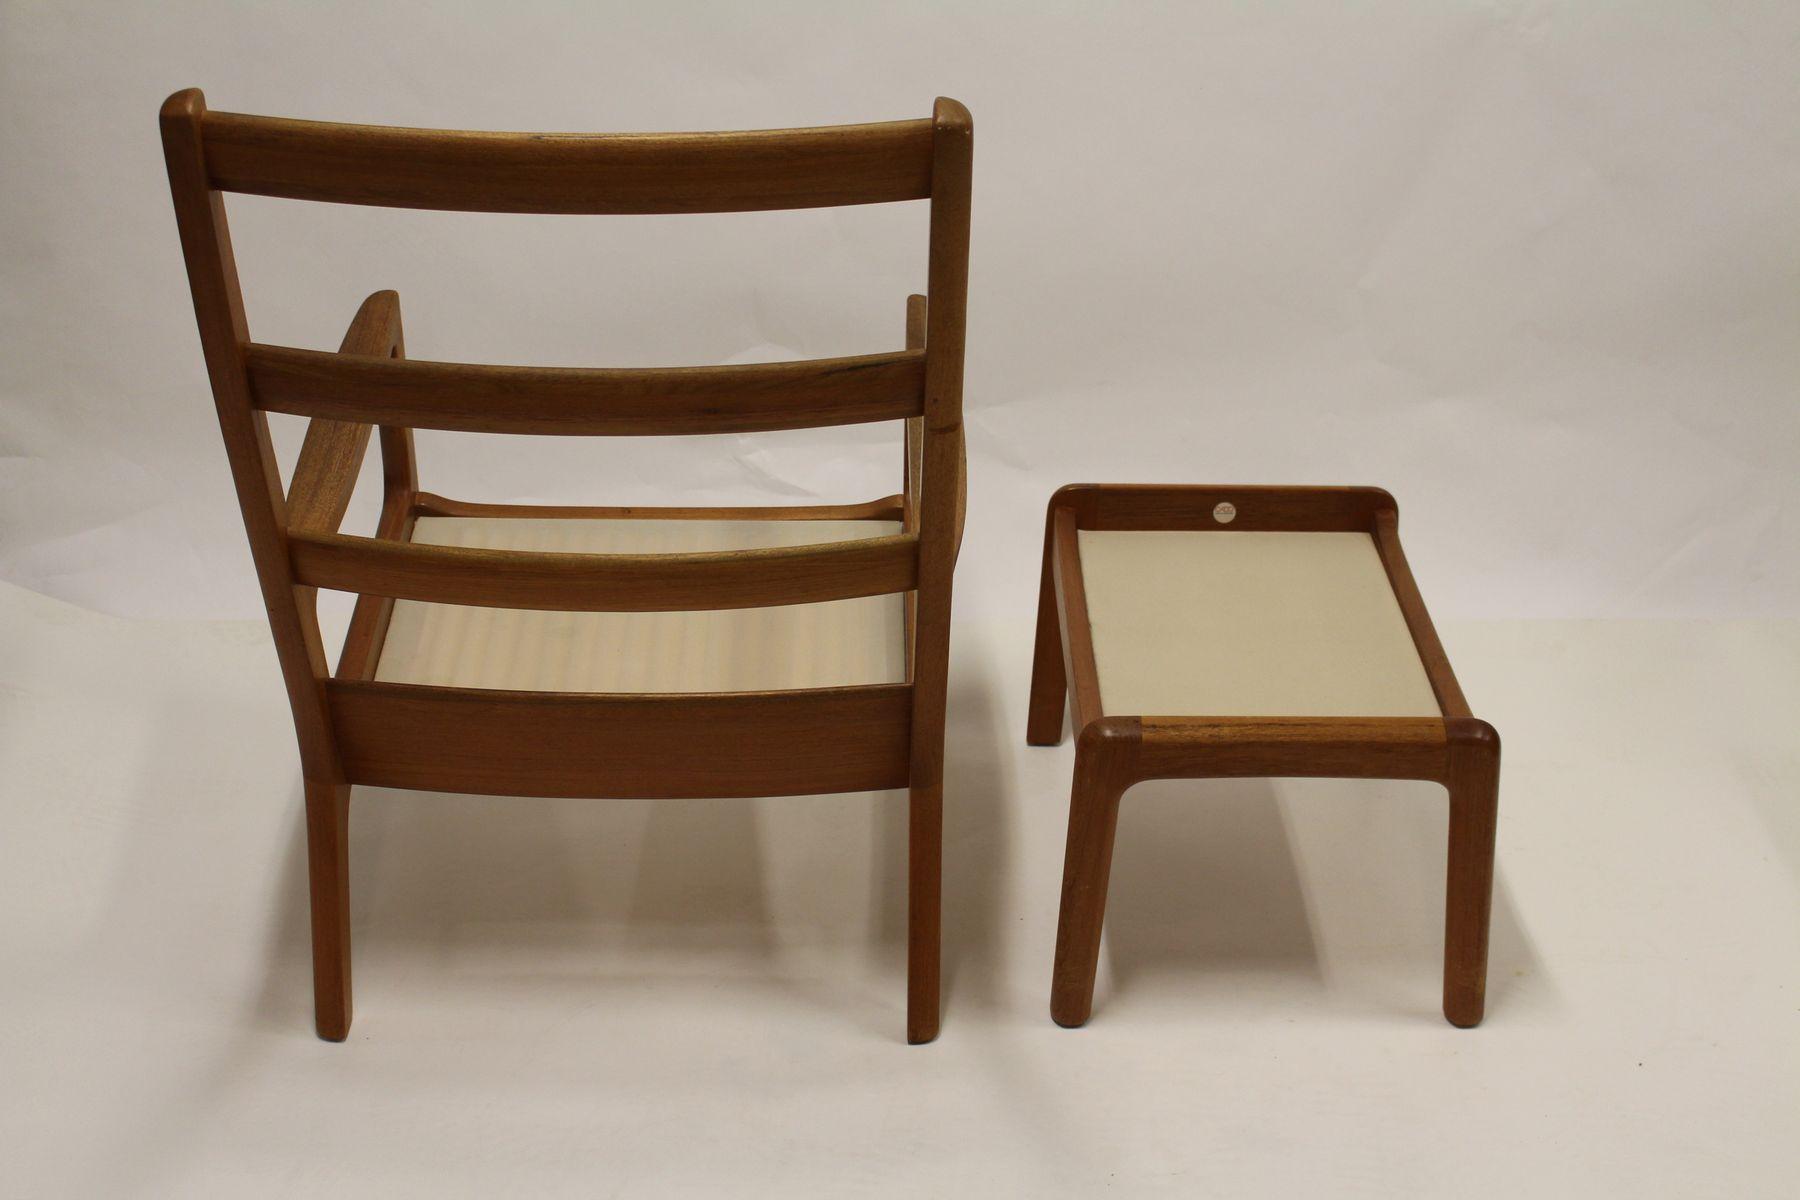 vintage senator sessel und ottoman von ole wanscher f r cado bei pamono kaufen. Black Bedroom Furniture Sets. Home Design Ideas